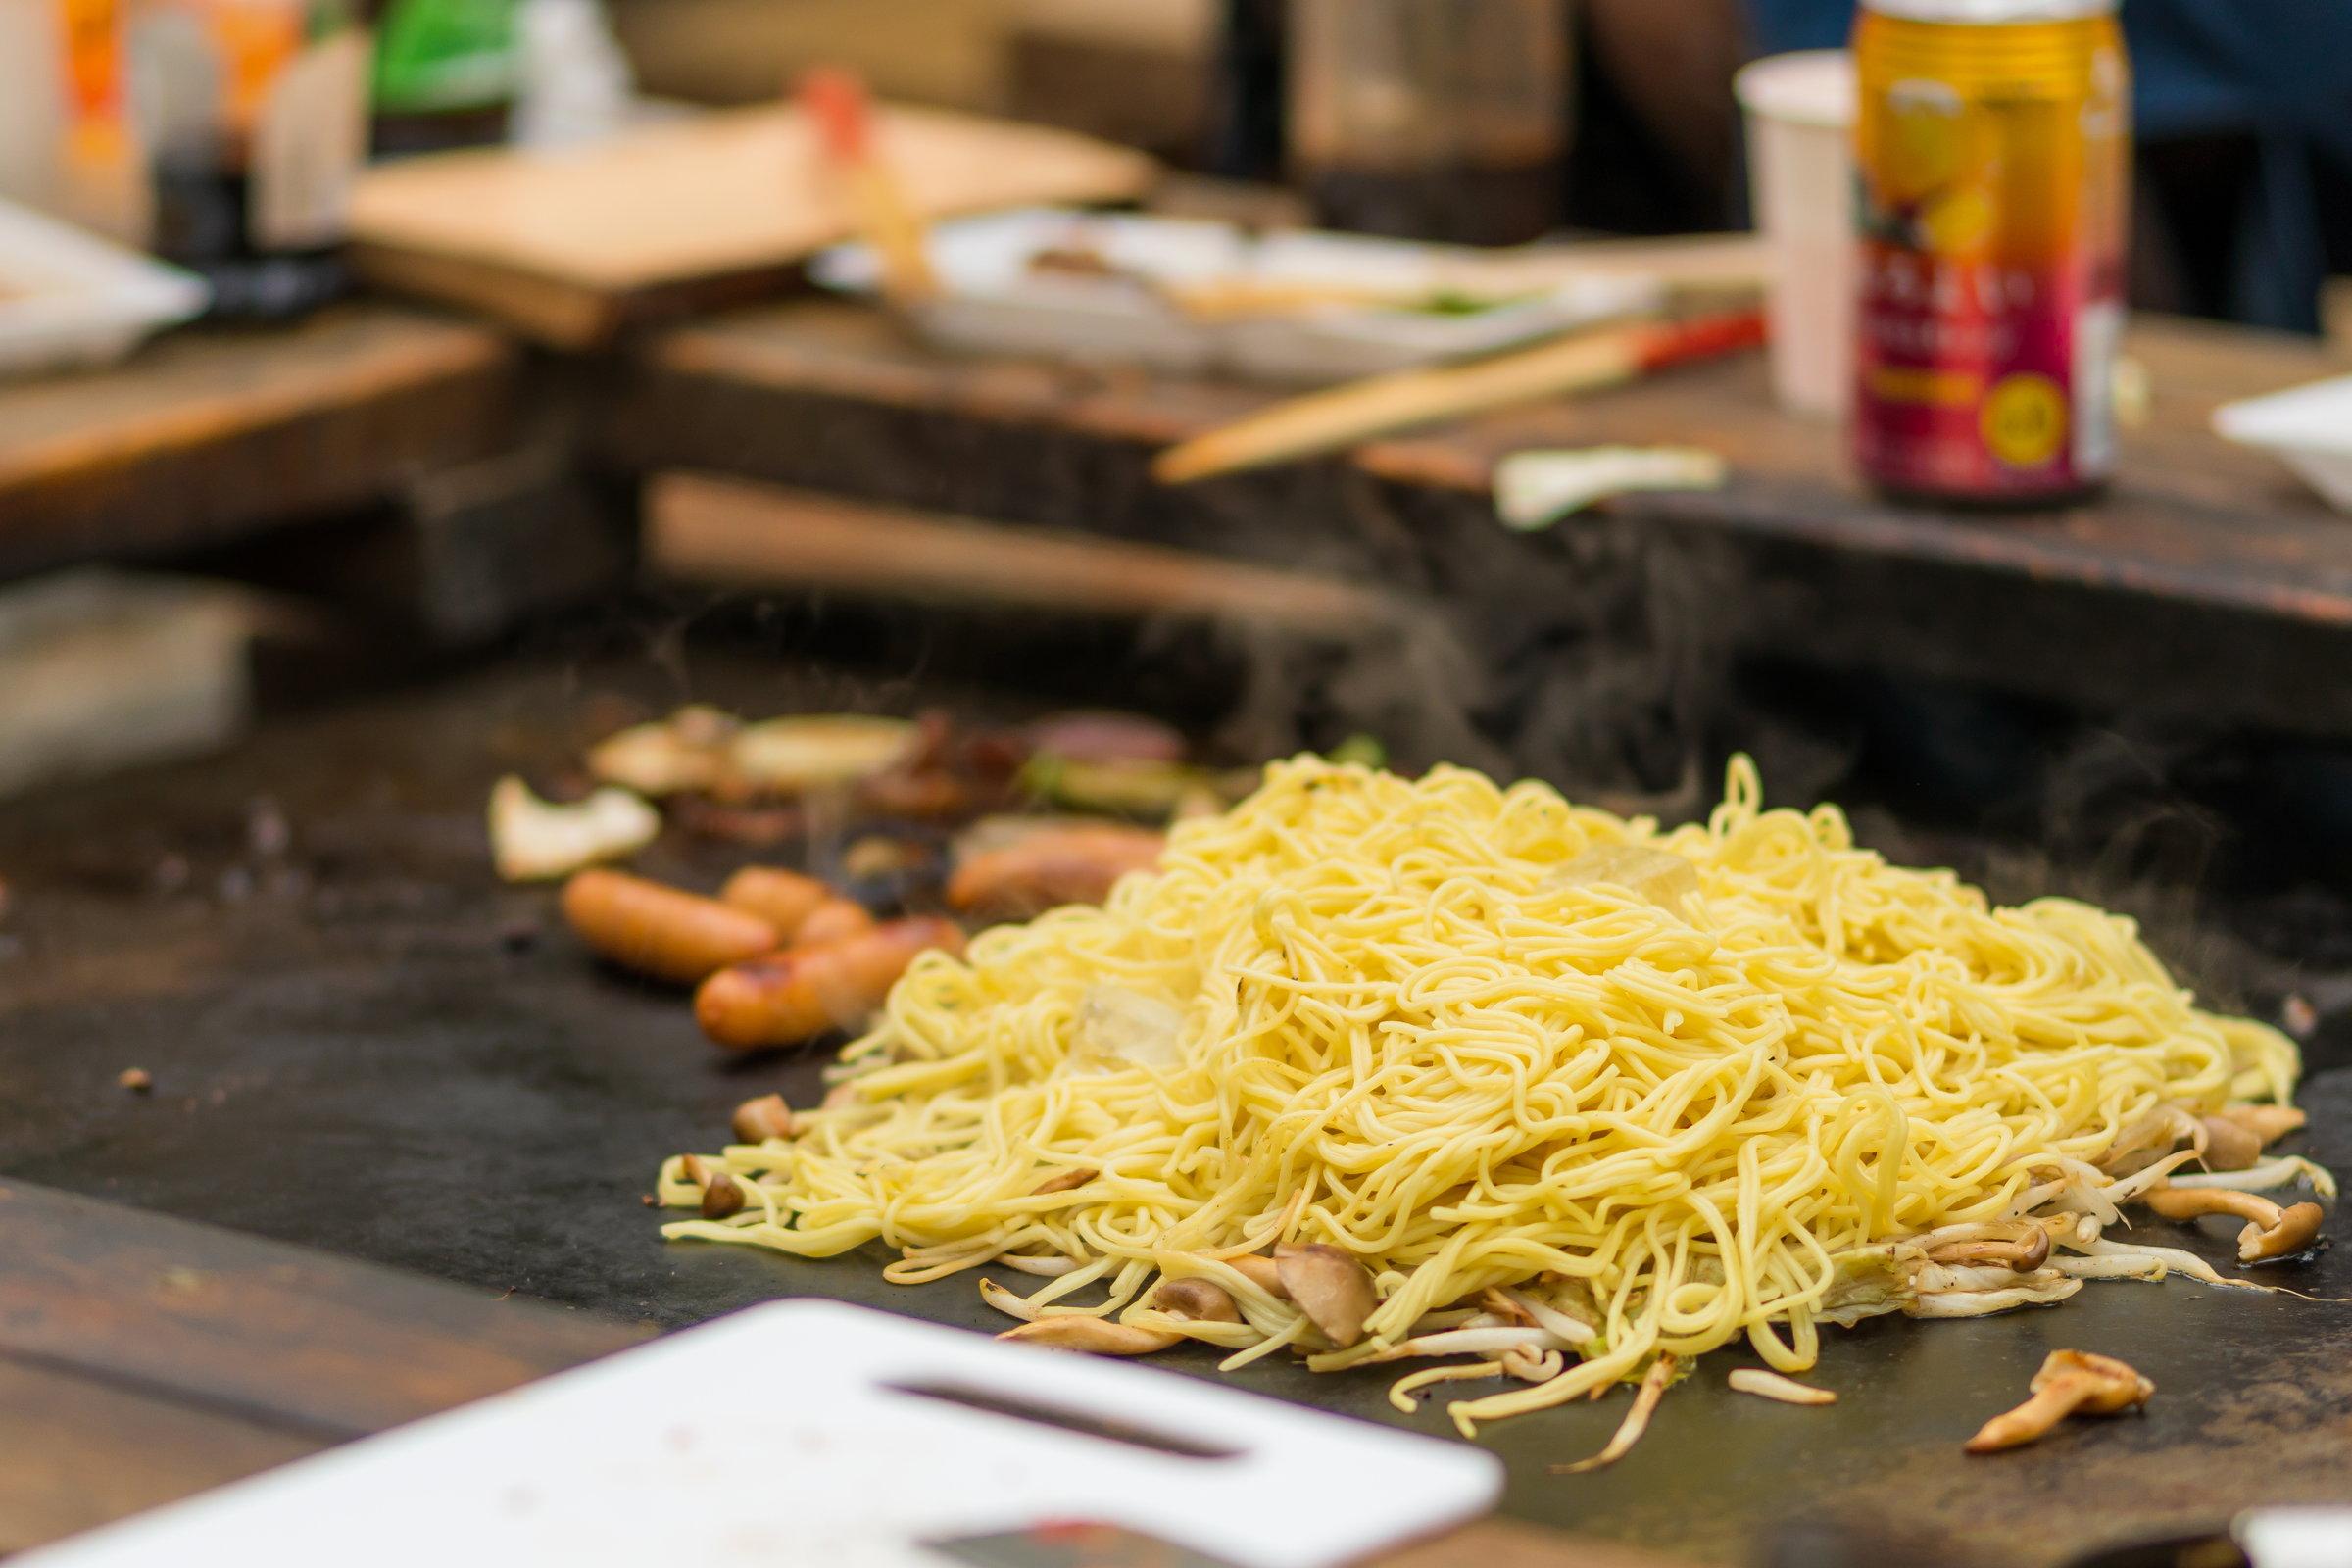 食材付きプランの焼きそば(写真は3食分)